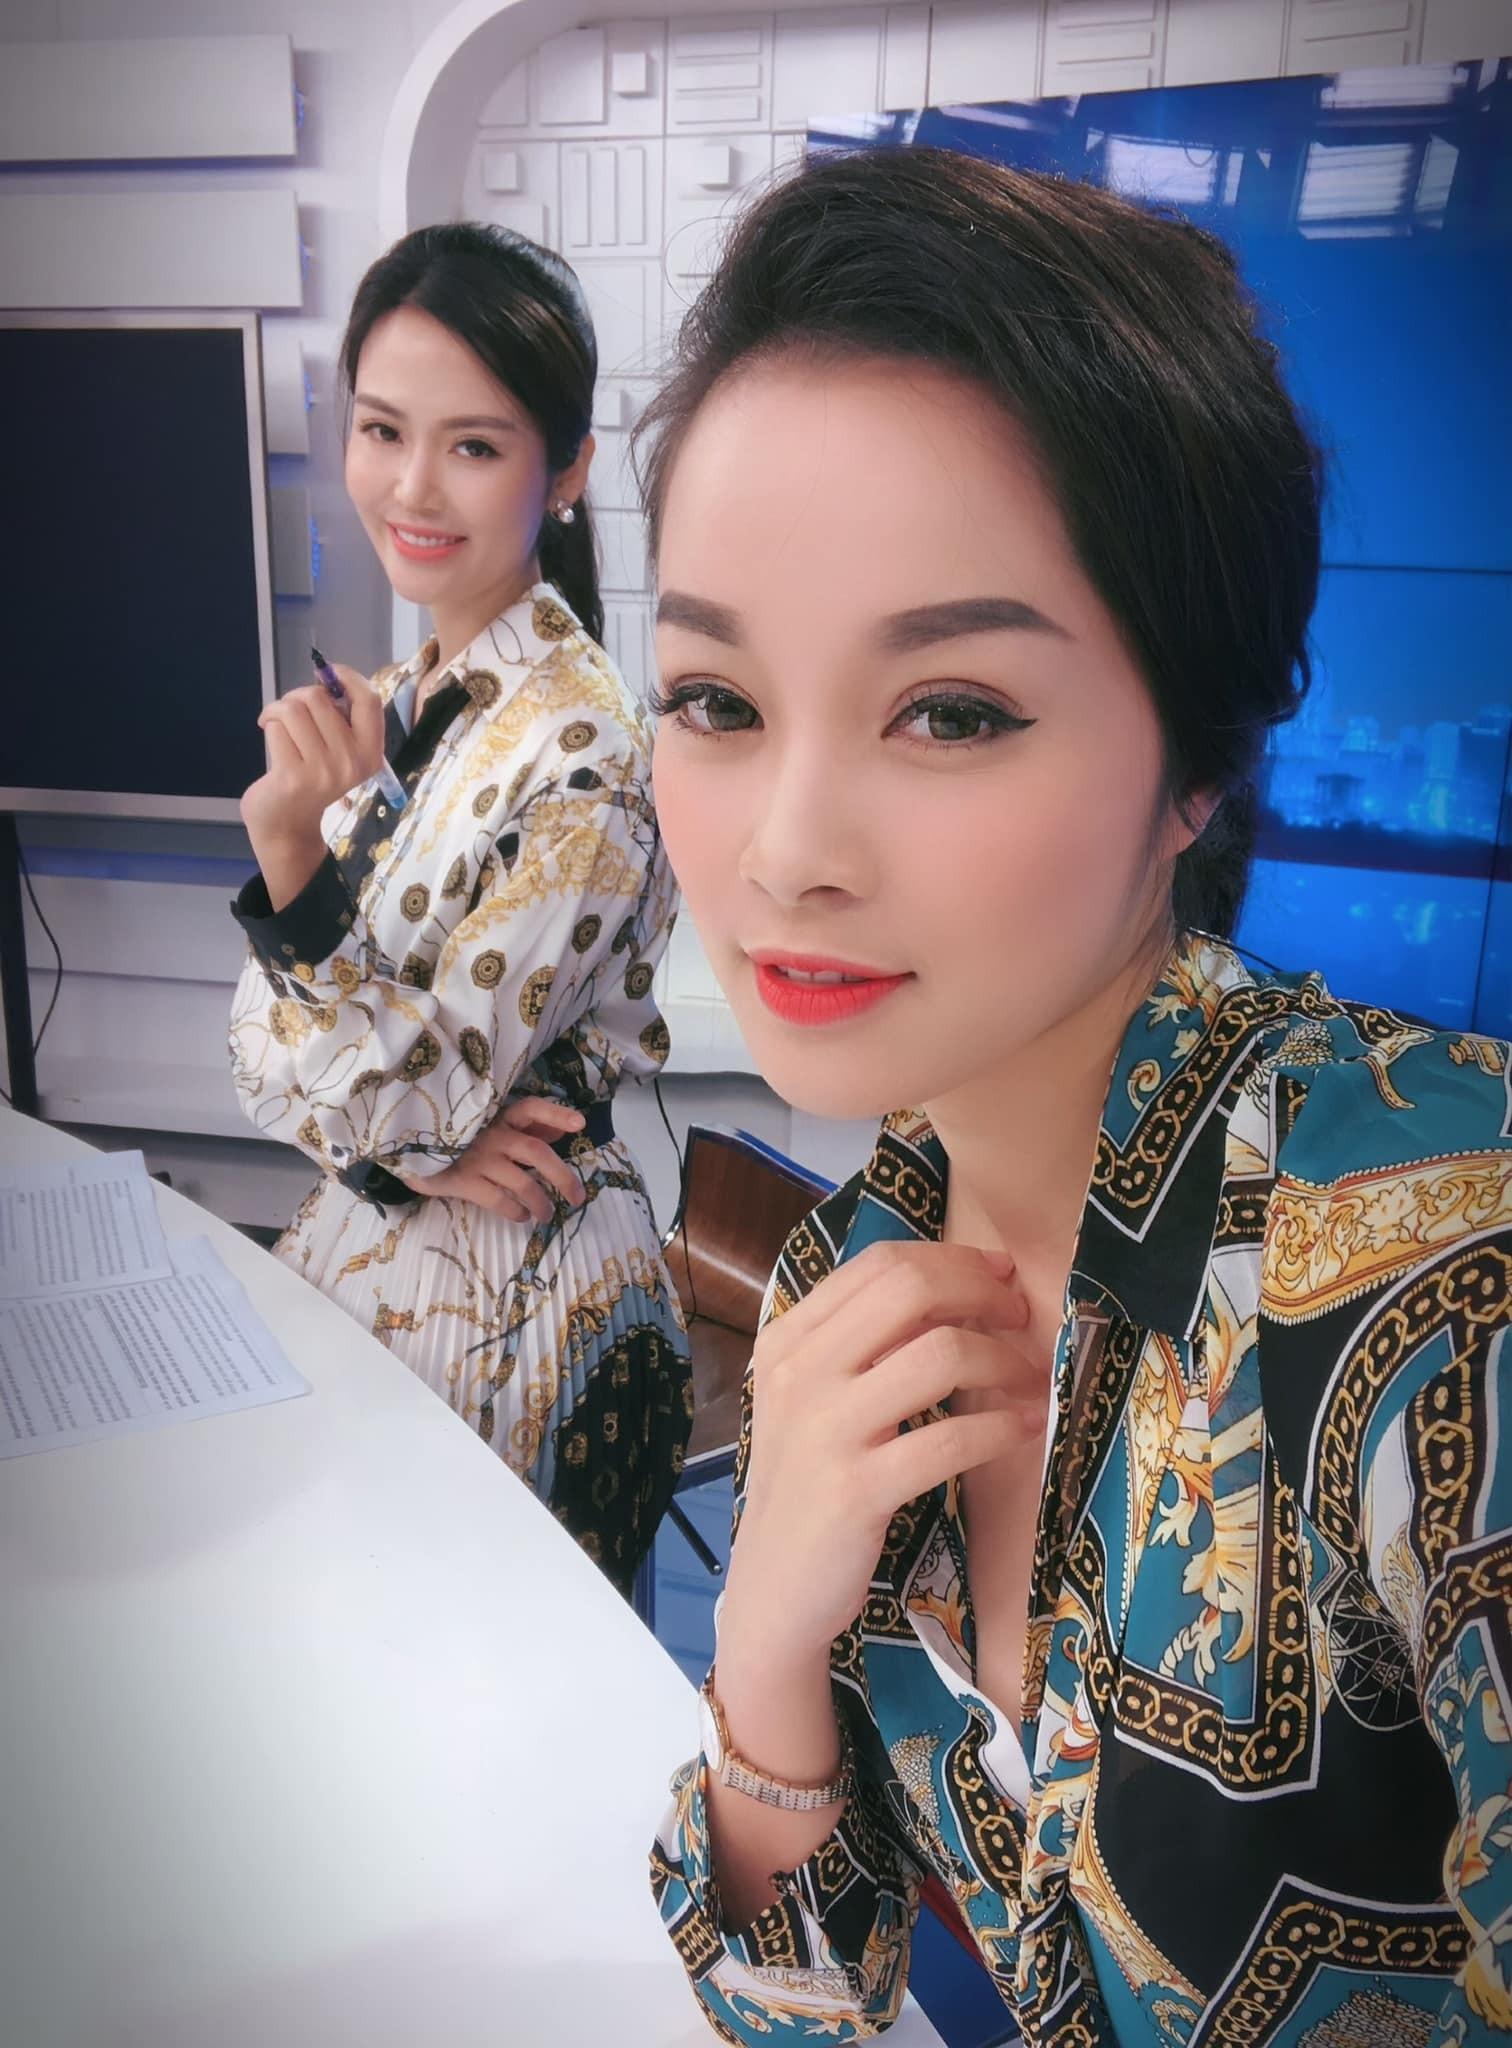 MC Minh Hương kể về 3 năm làm việc chung cùng hoa hậu Thu Thủy-2